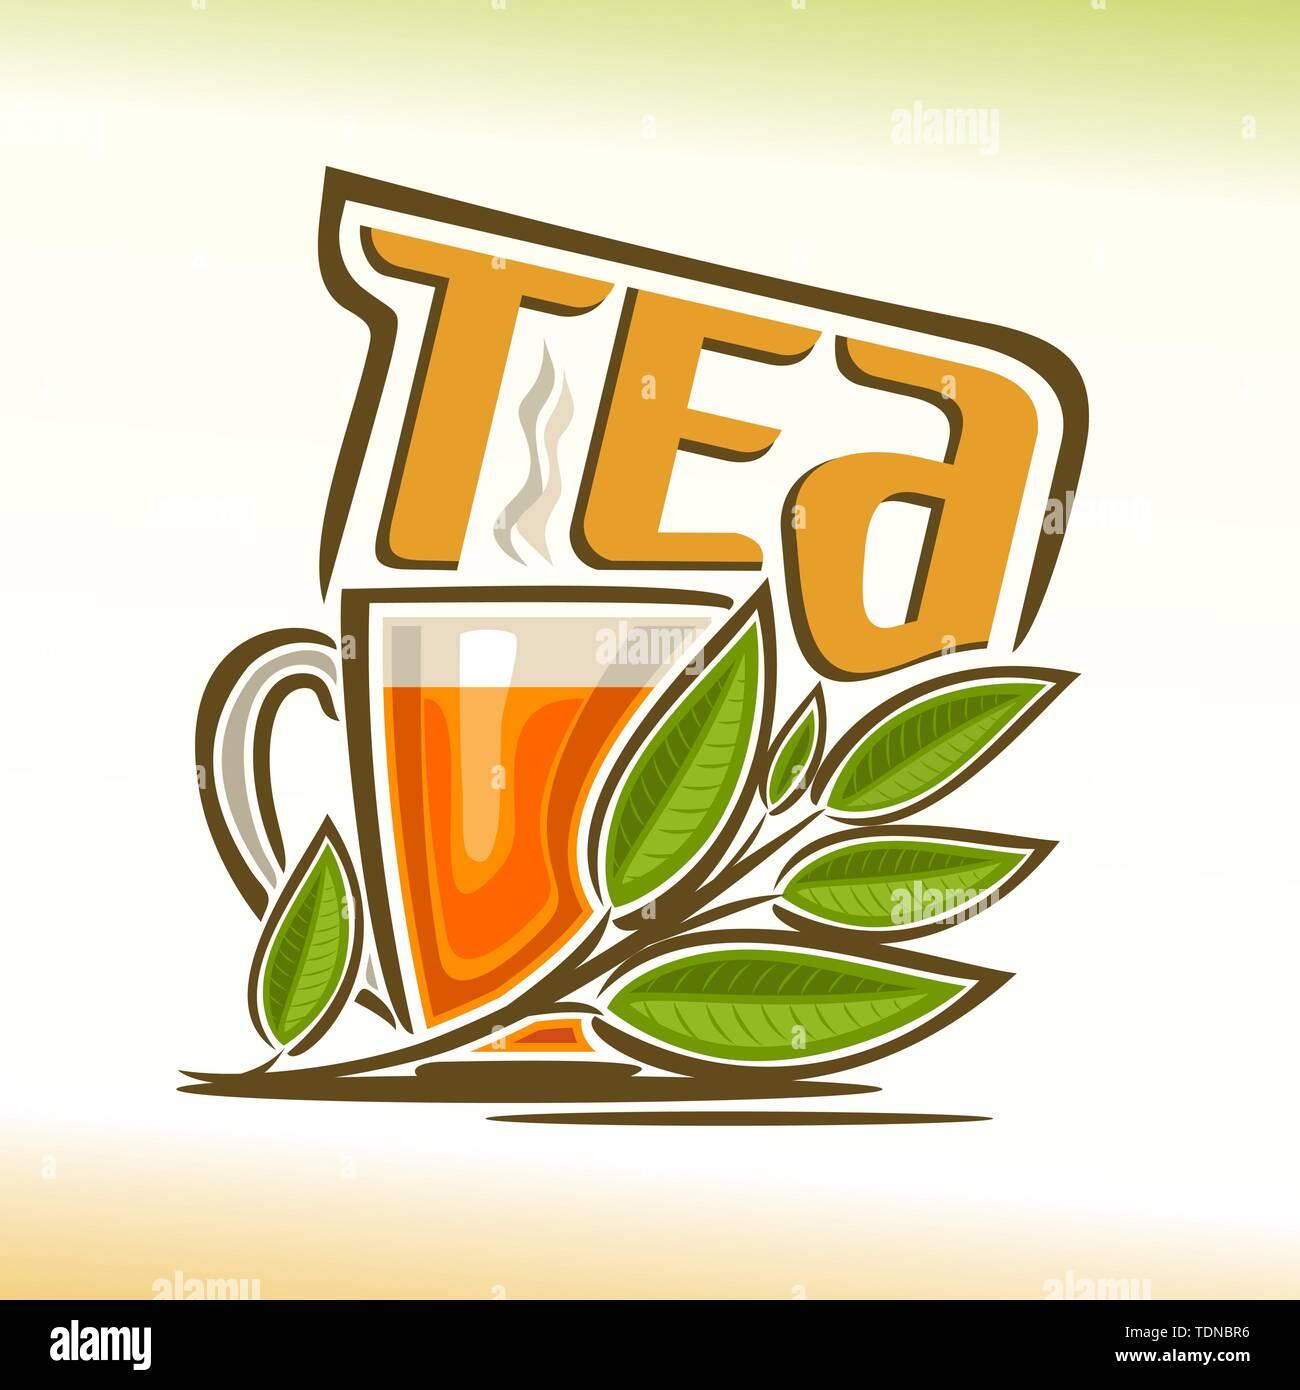 Vector logo for tea  - Stock Image